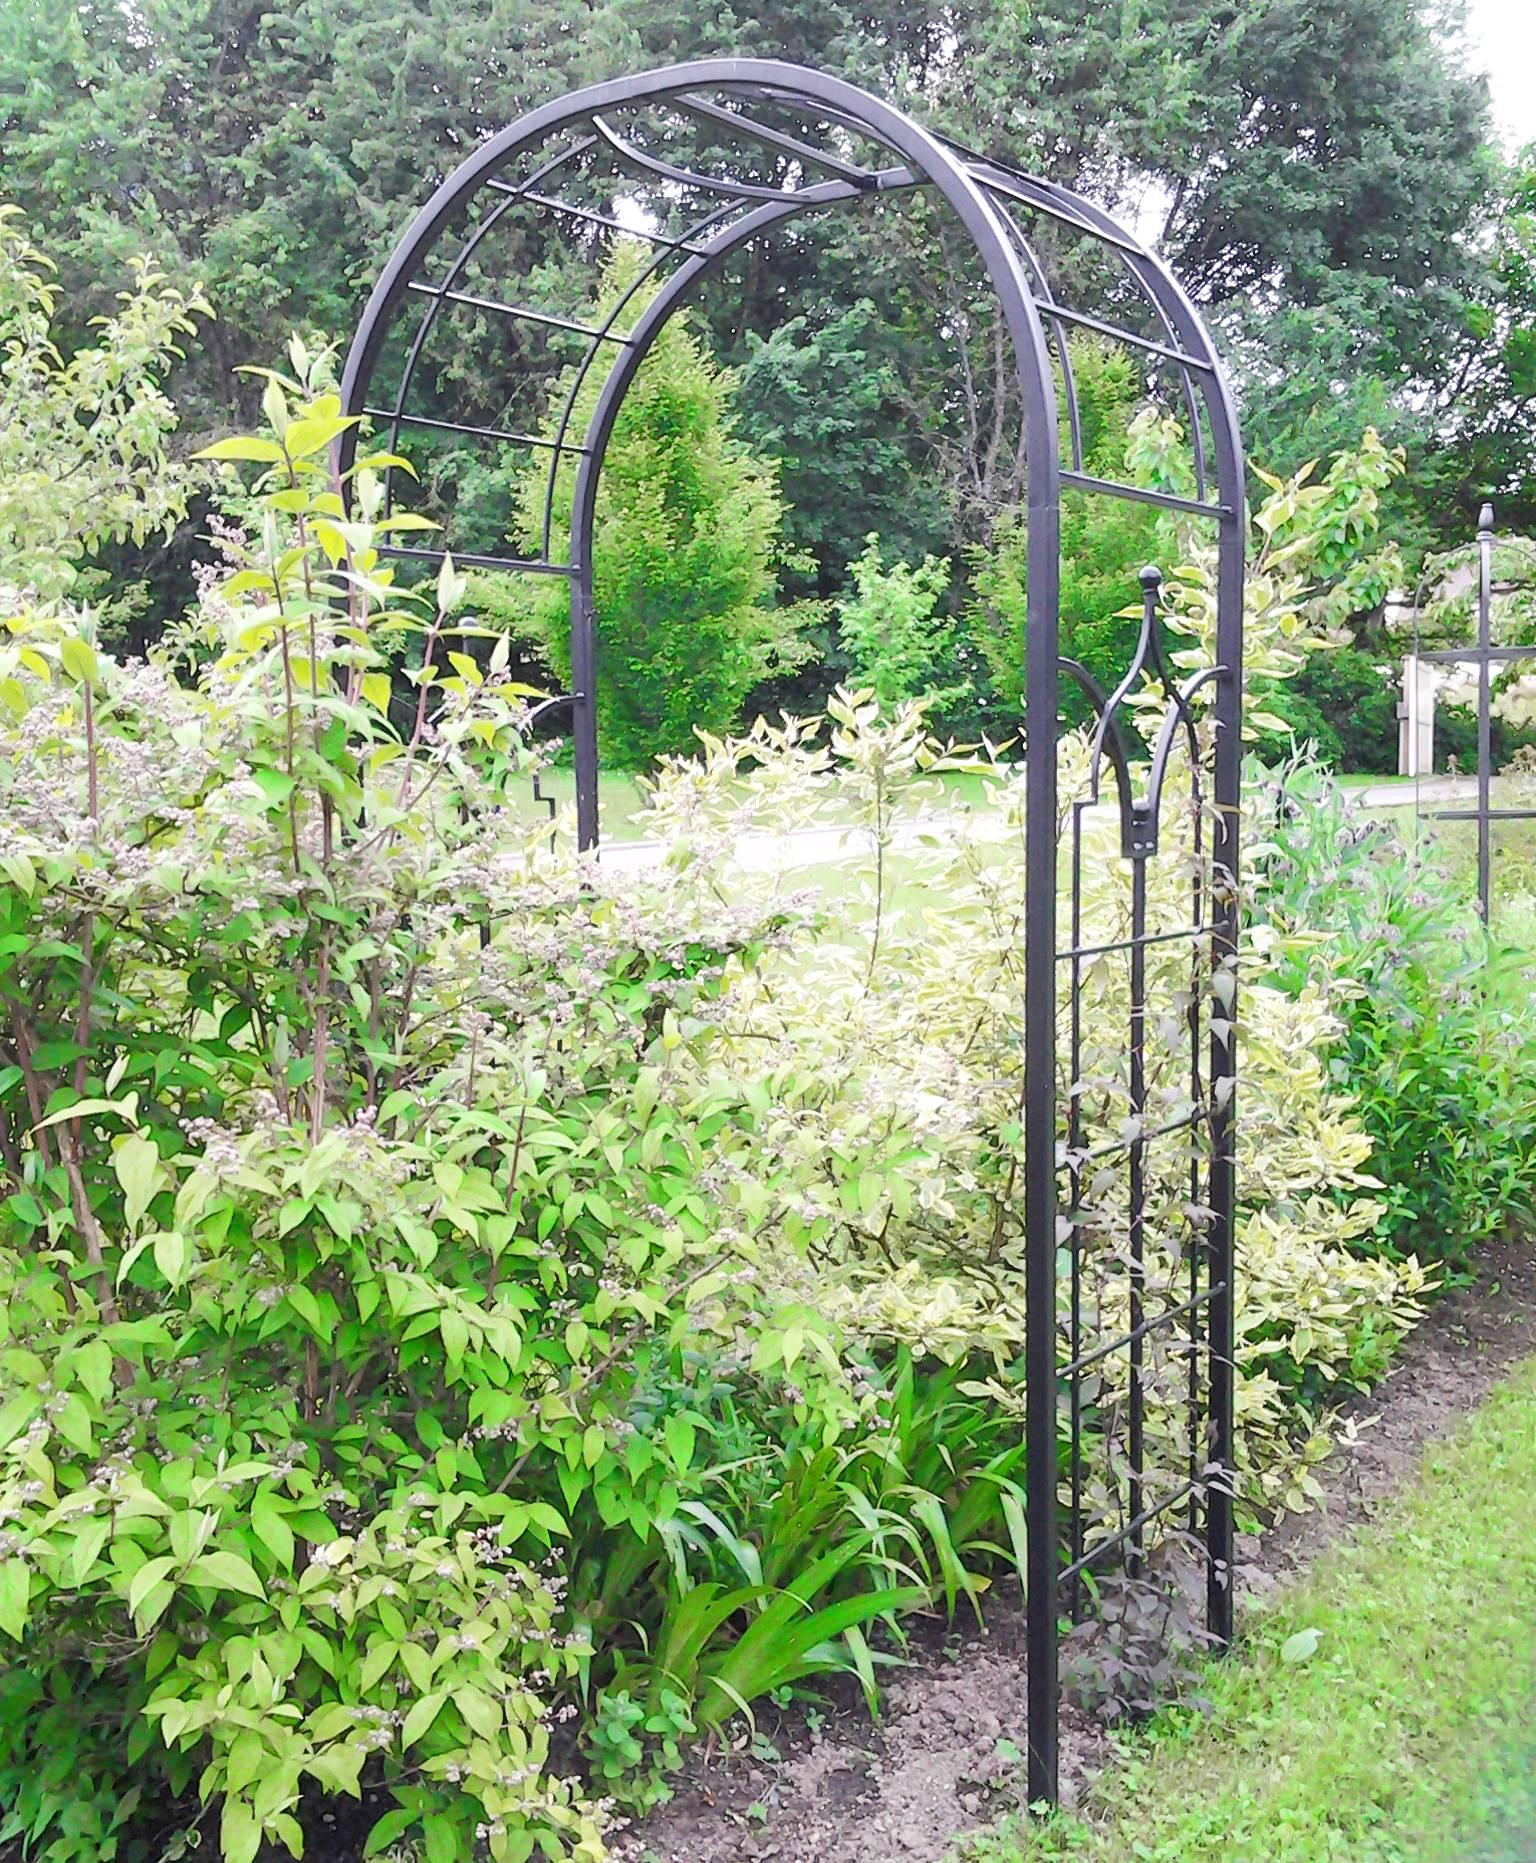 Arche Princess Arche À Fleurs Rosiers Tuteur Plantes De ... concernant Arche De Jardin En Fer